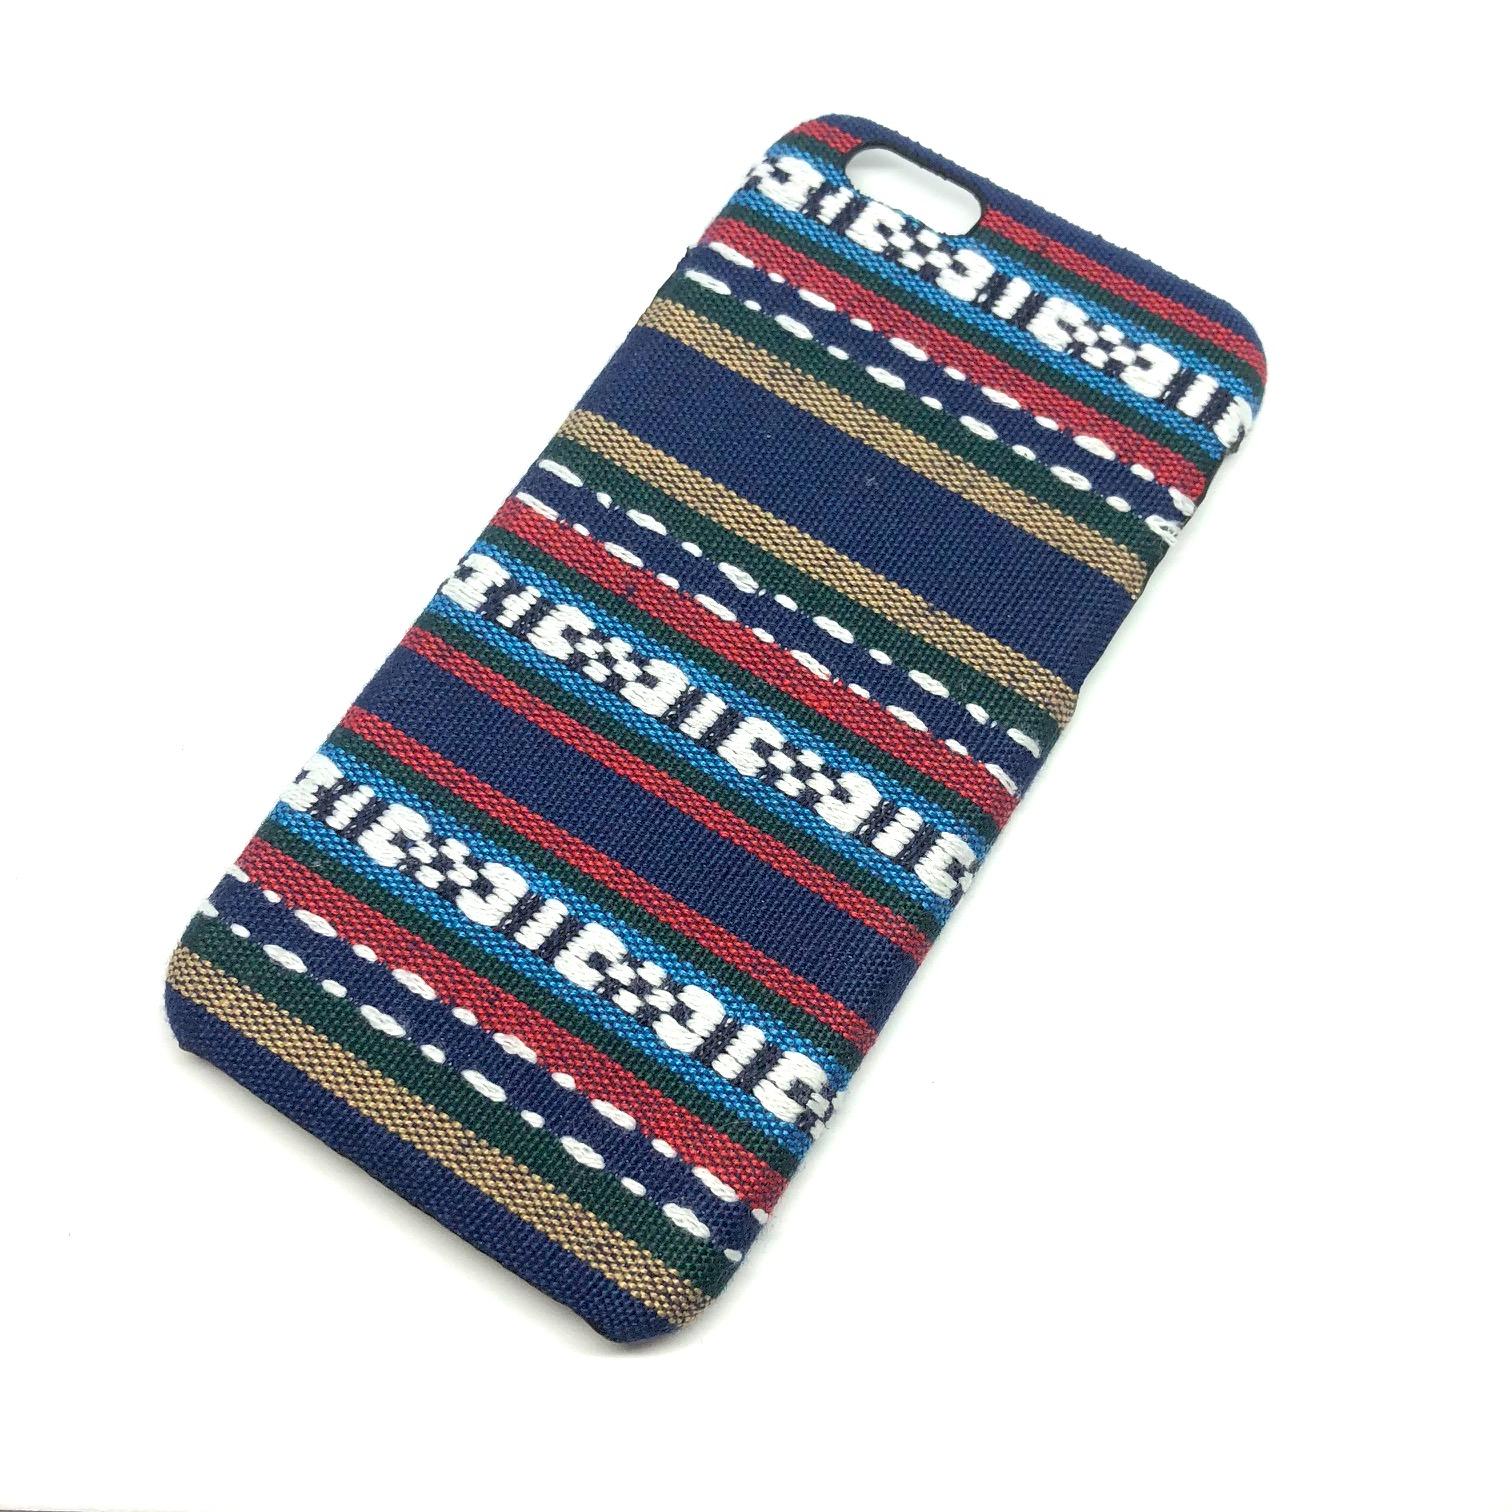 iPhone 7-8 Marokko stof cover model 2